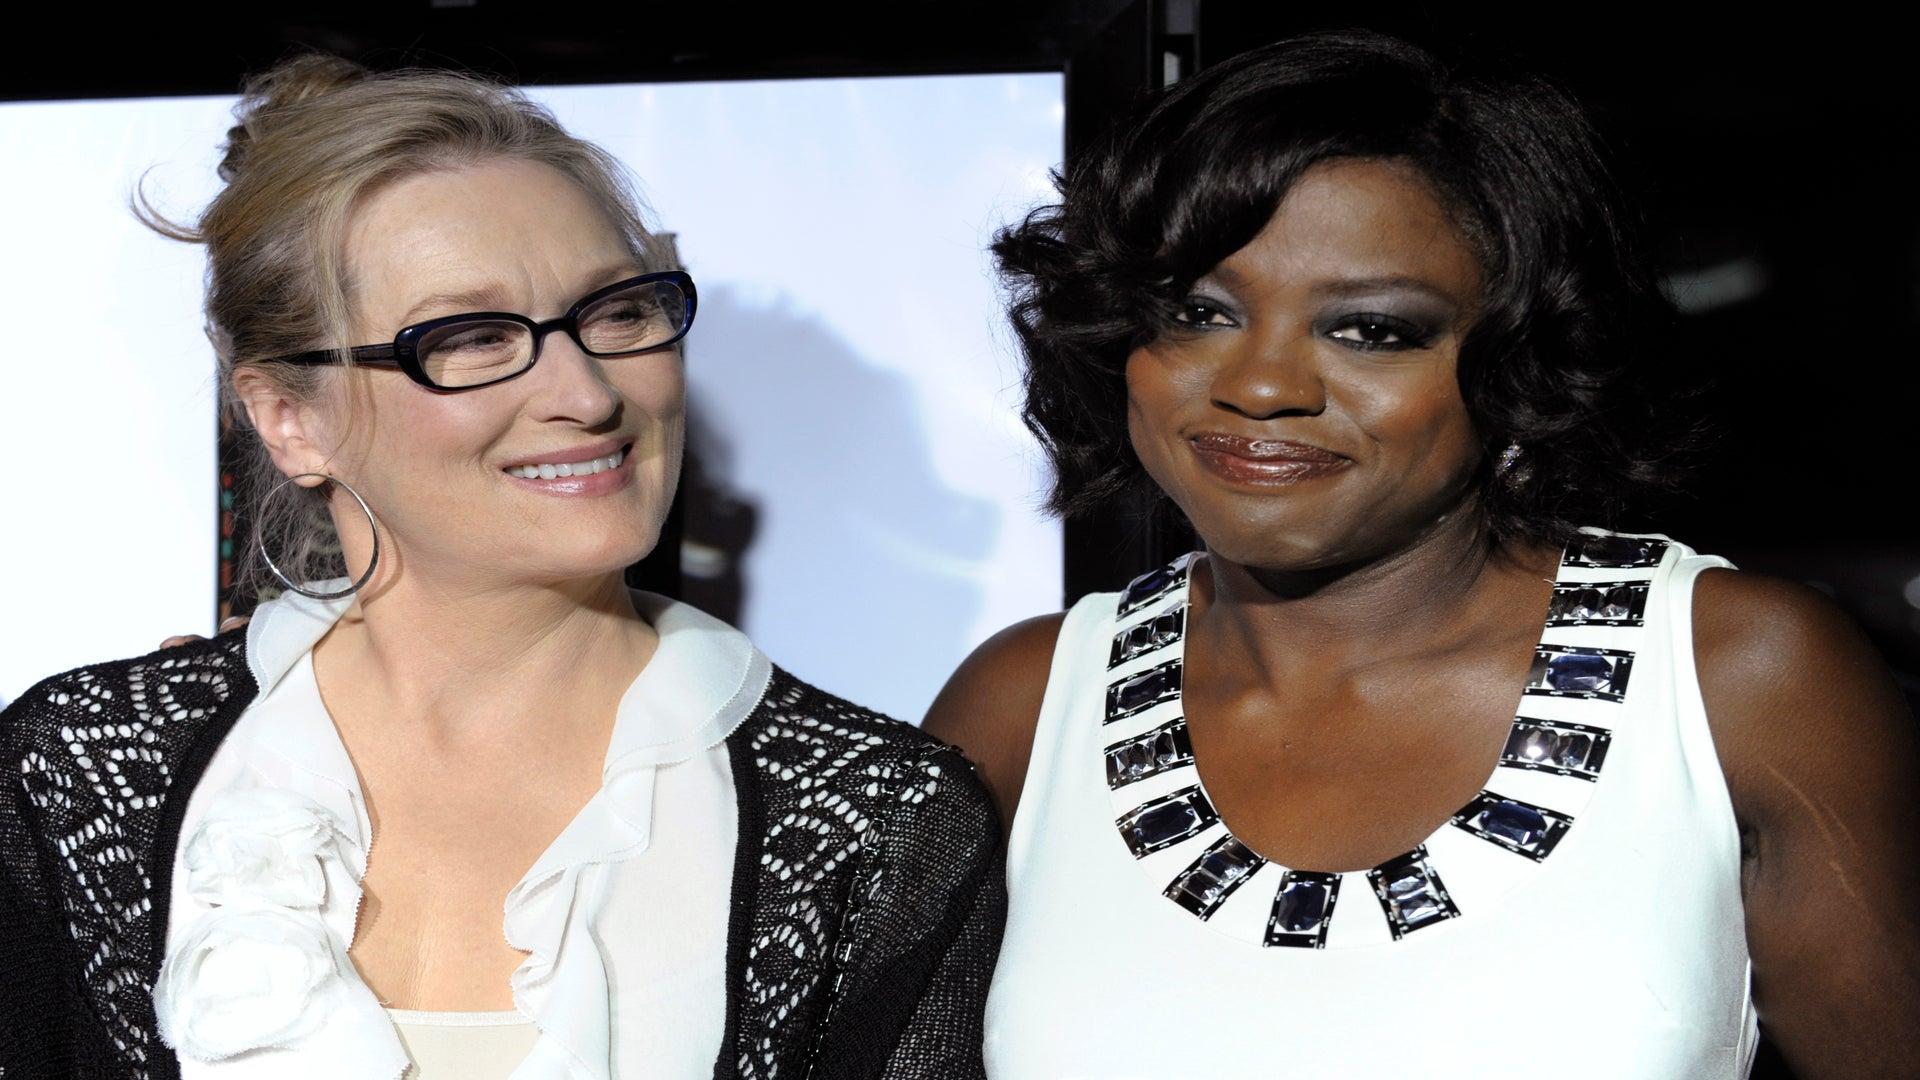 Meryl Streep Donates $10K to School in Viola Davis' Honor